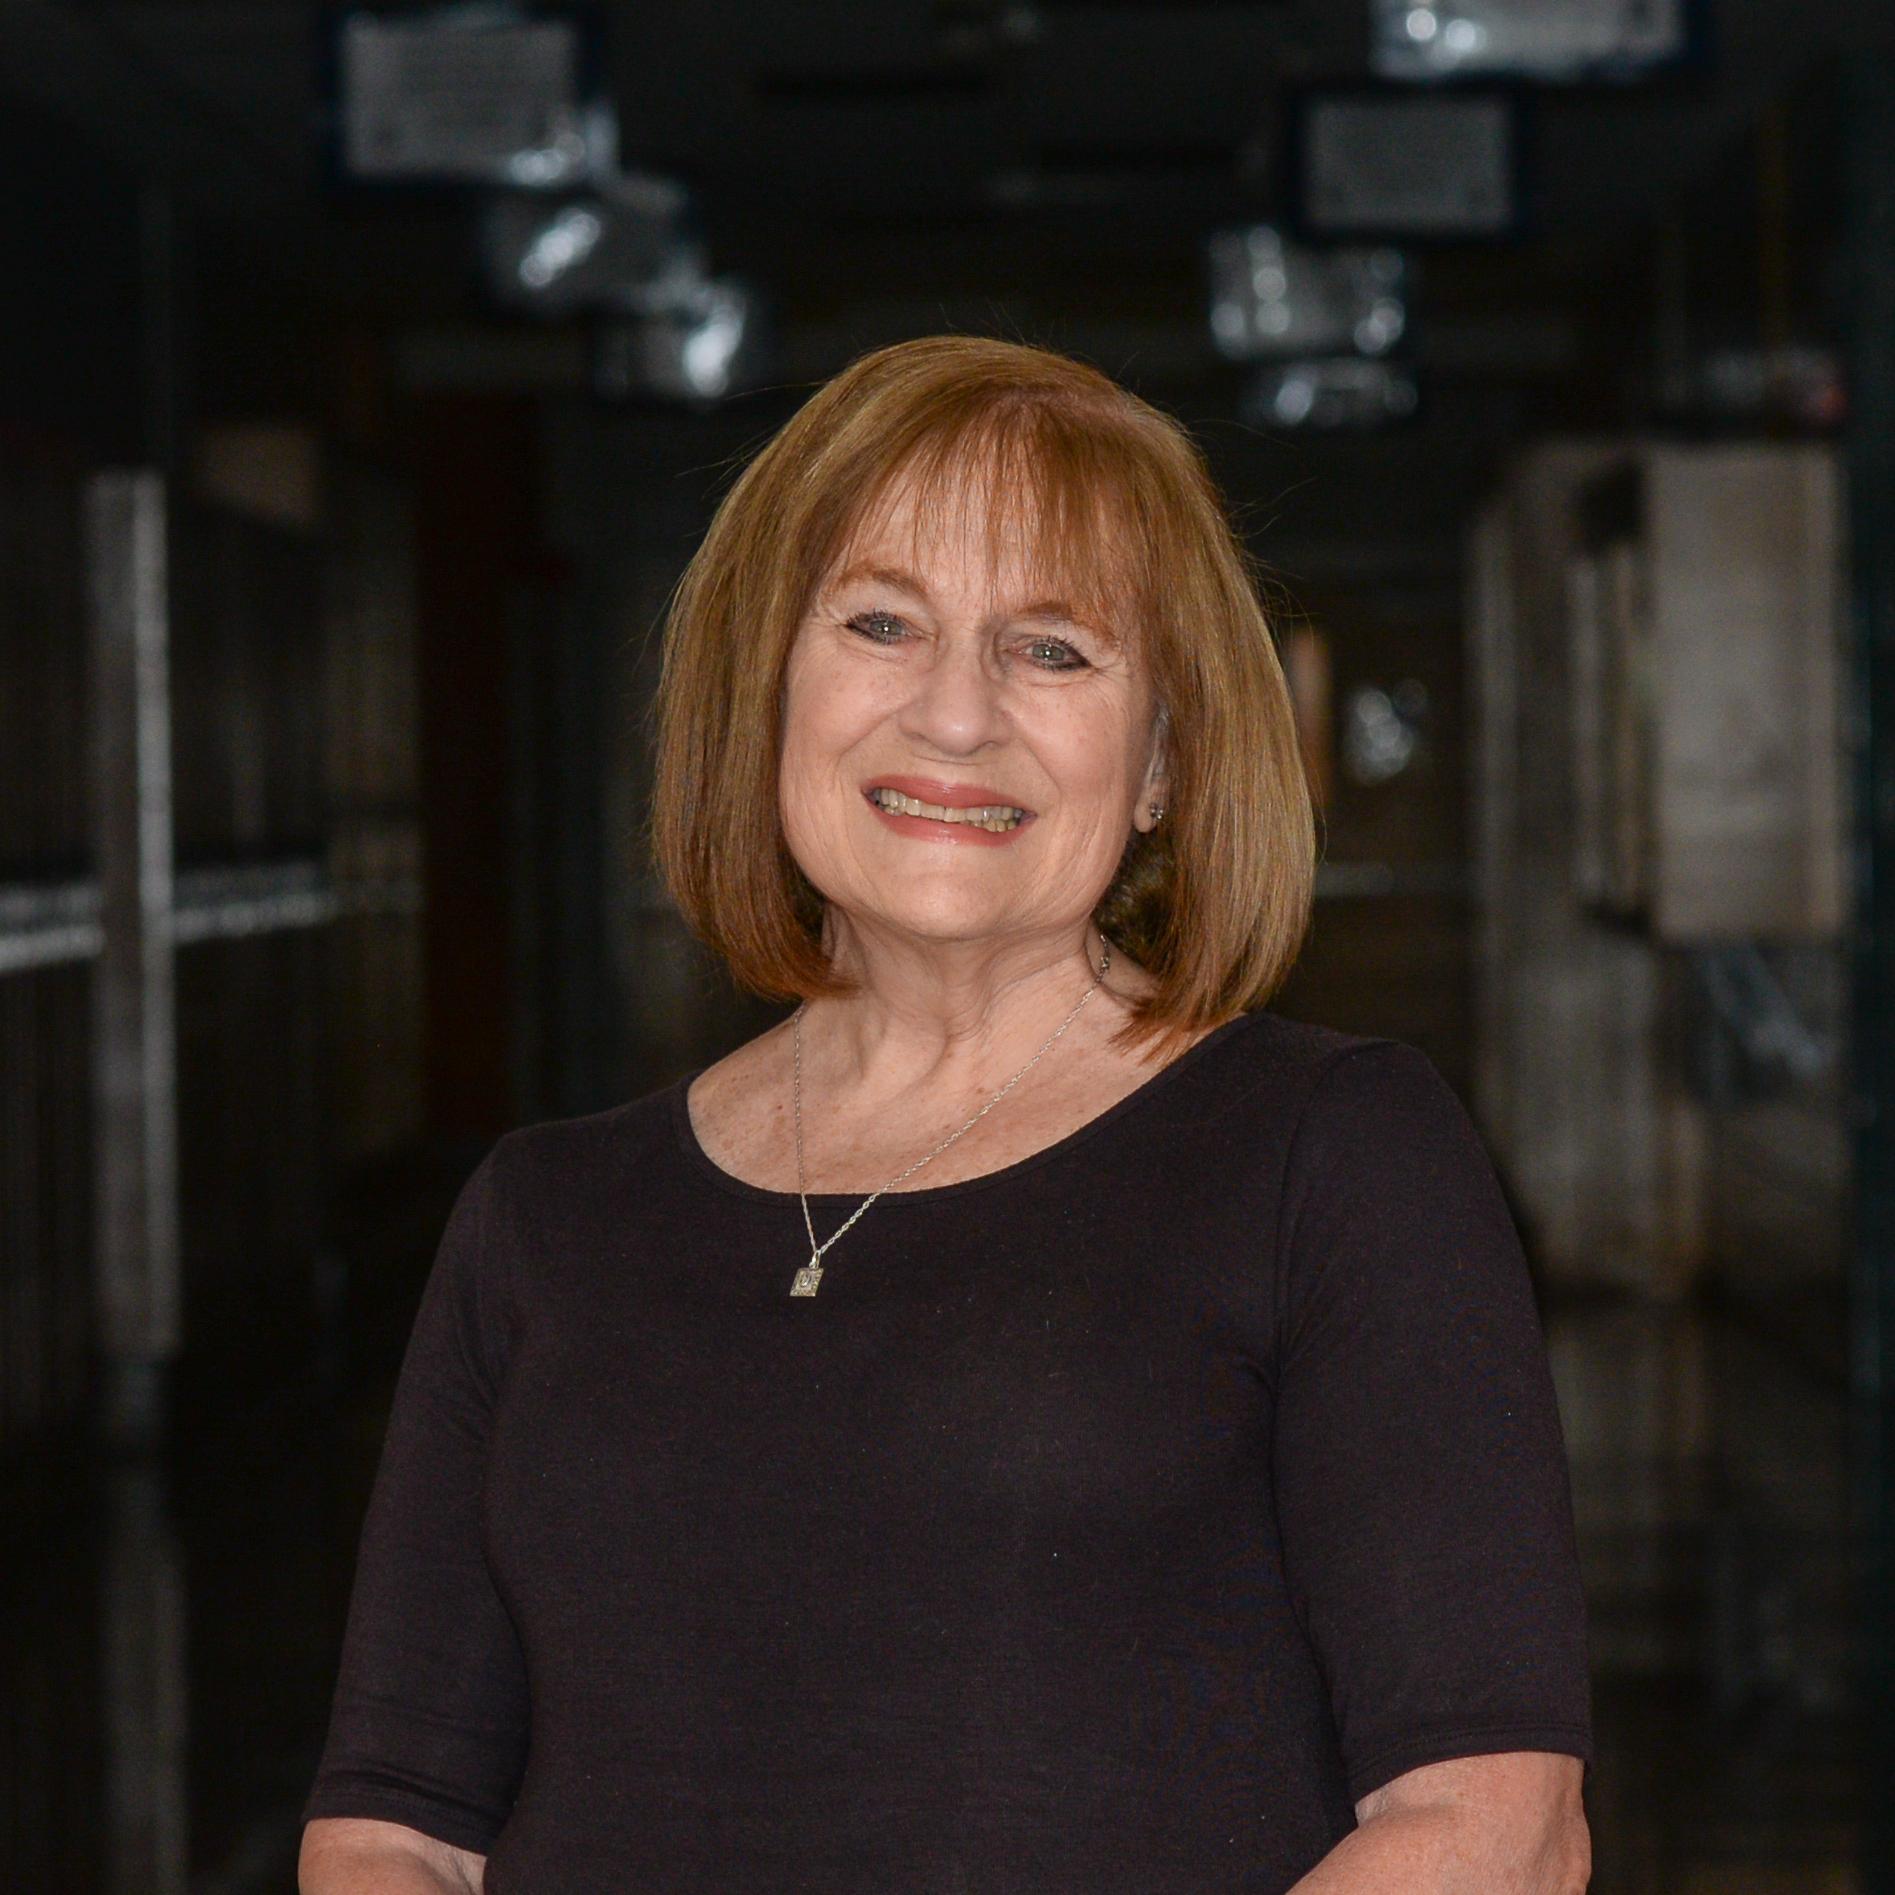 JudyCucciniello